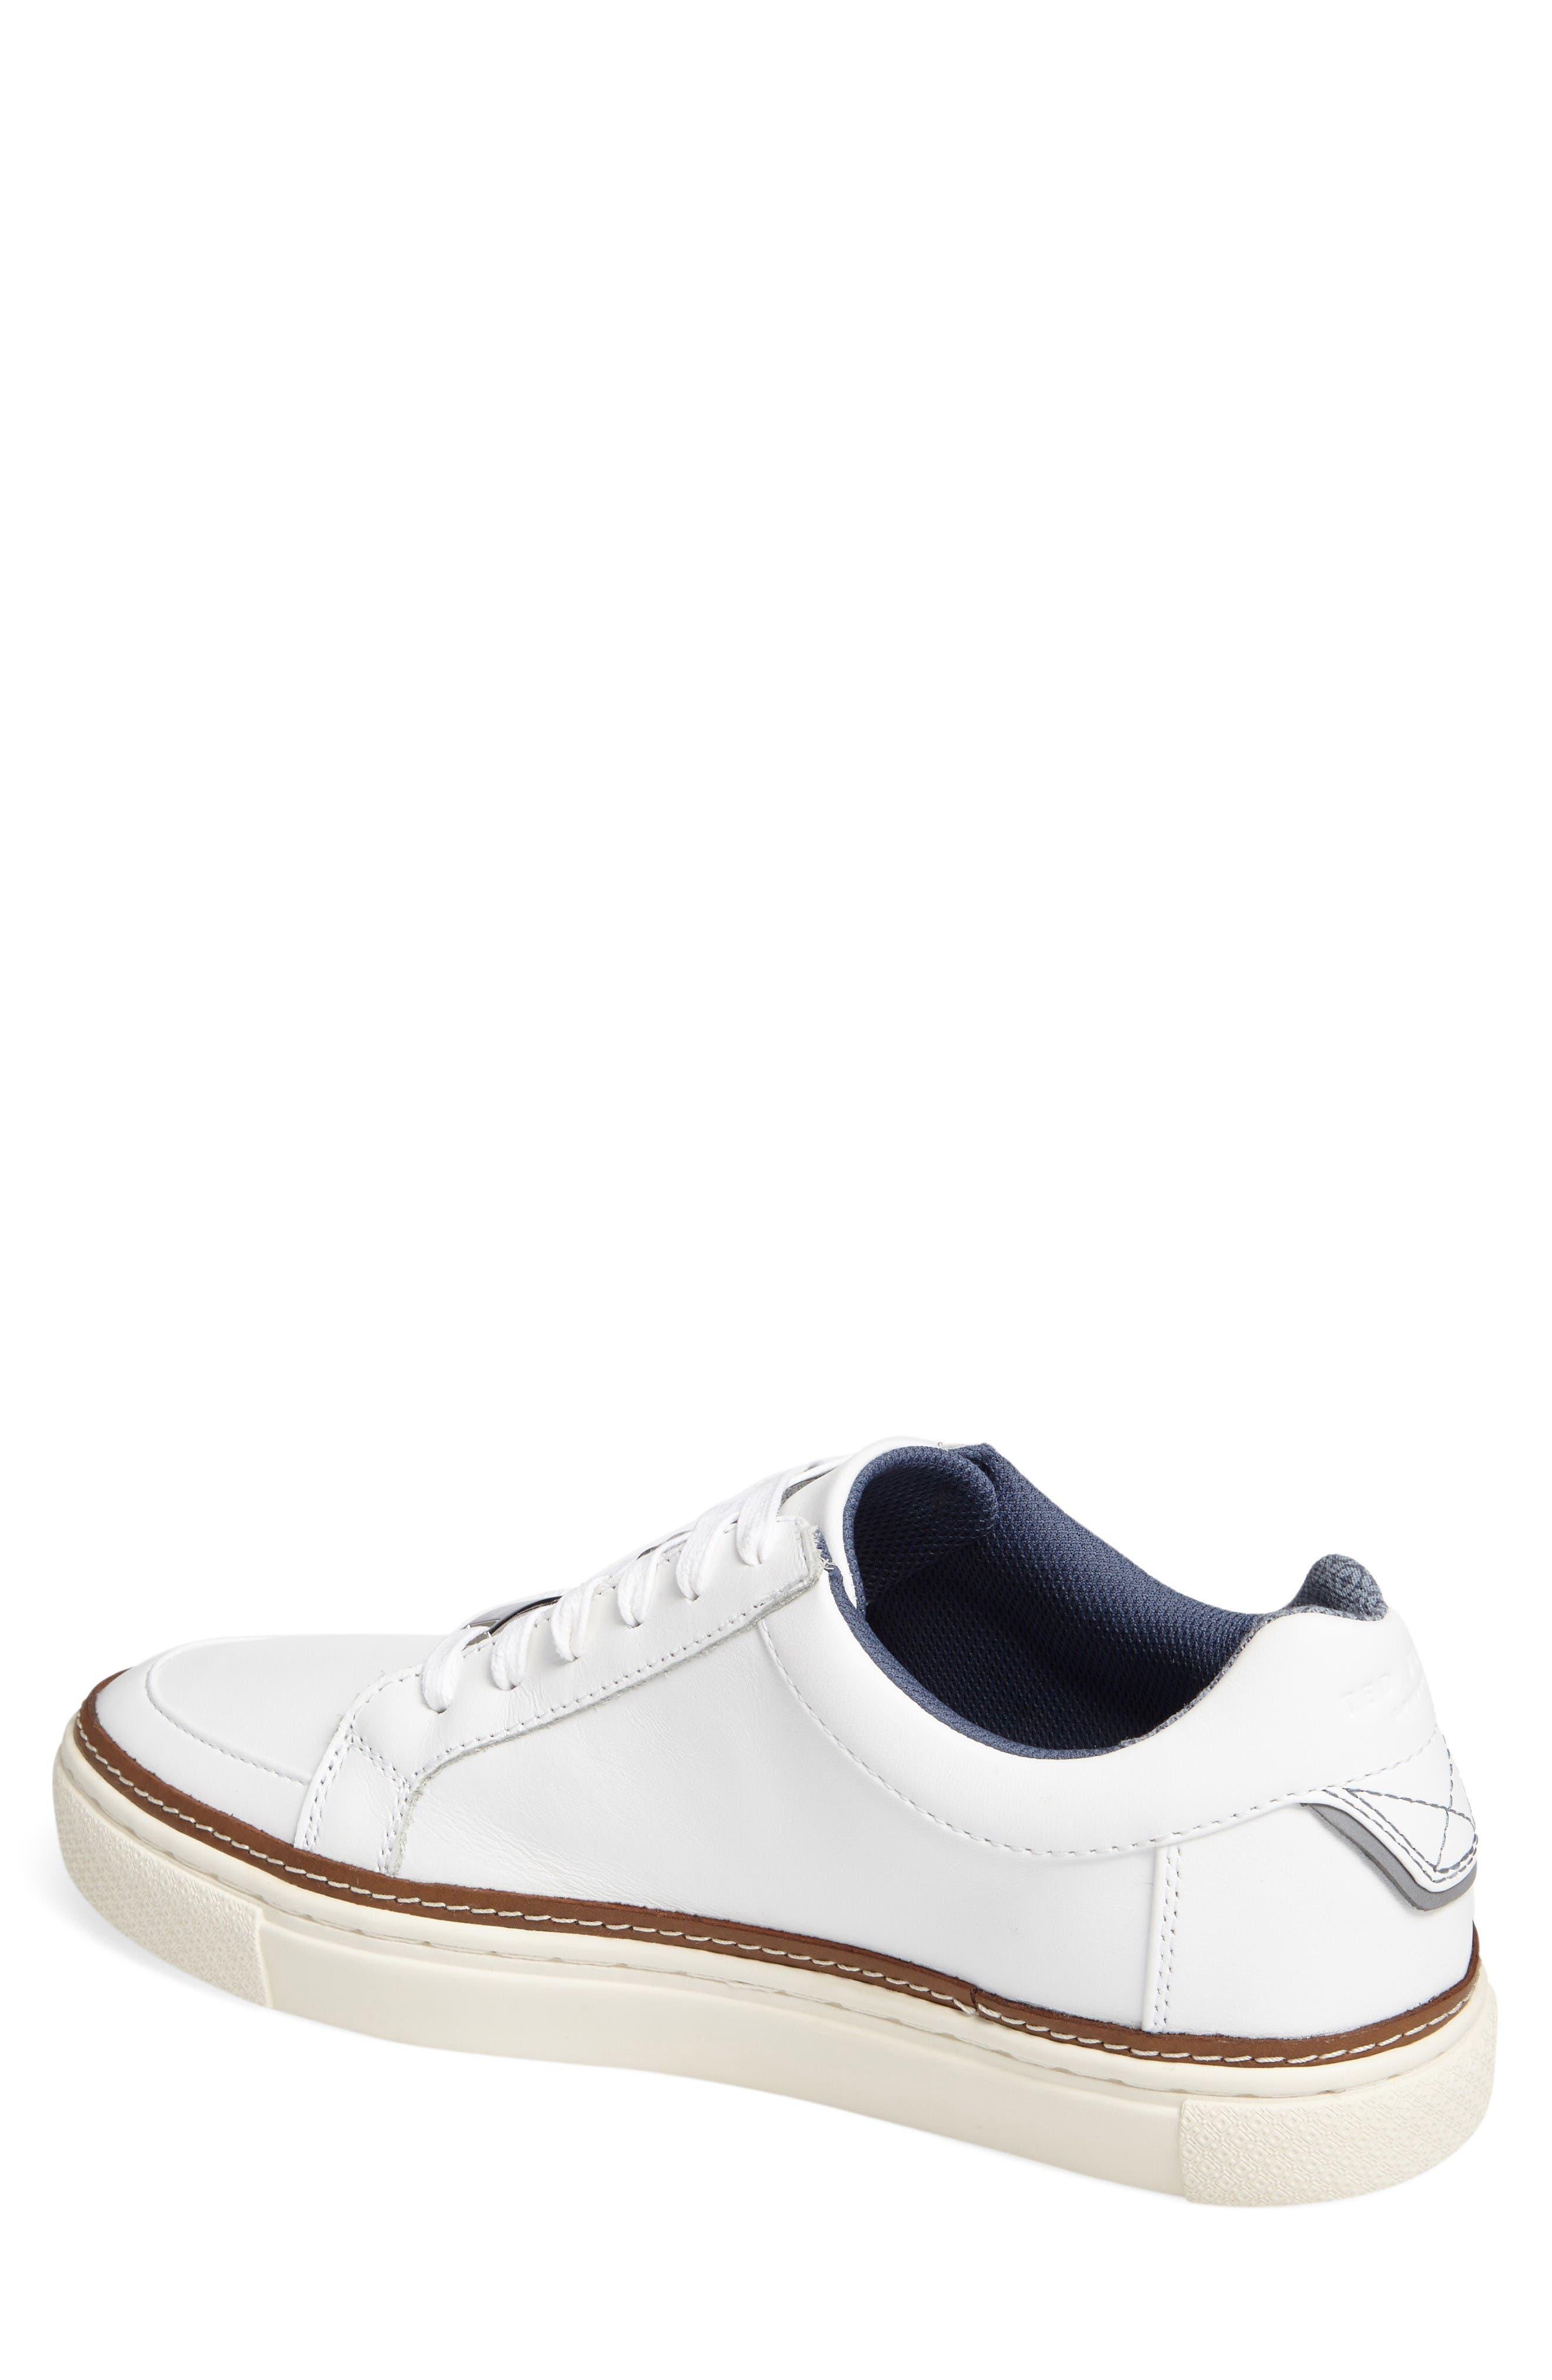 Alternate Image 2  - Ted Baker London Rouu Sneaker (Men)